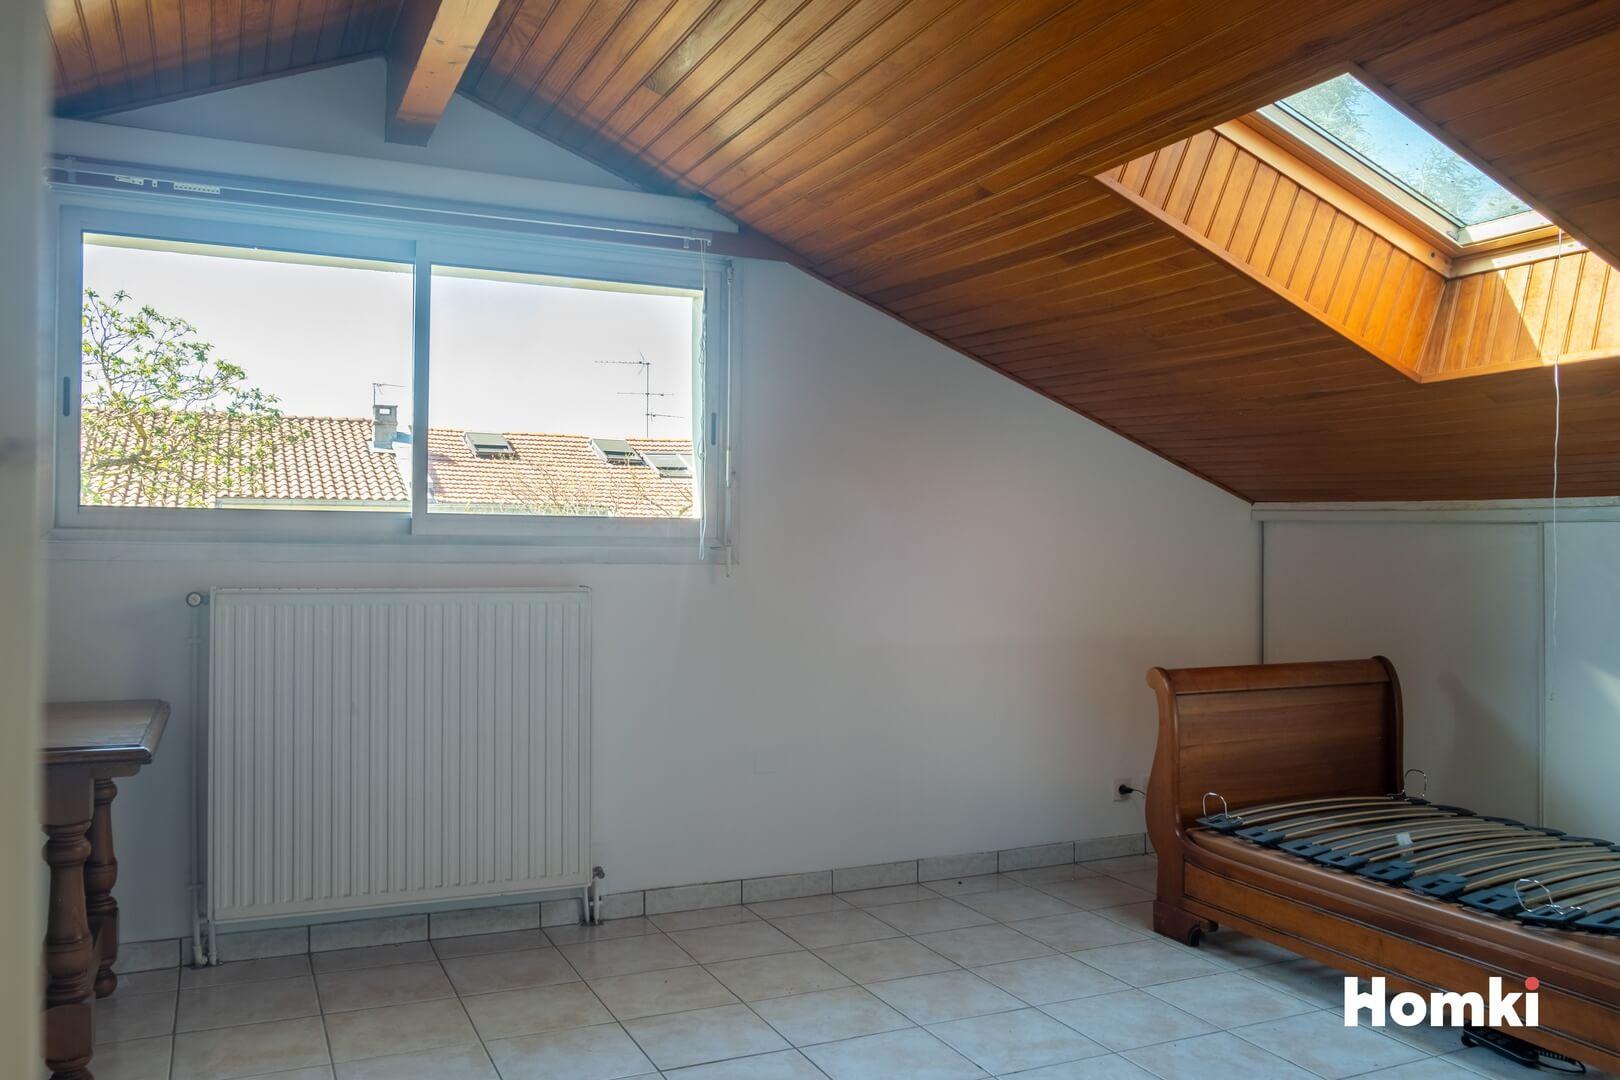 Homki - Vente Maison/villa  de 106.0 m² à Toulouse 31400